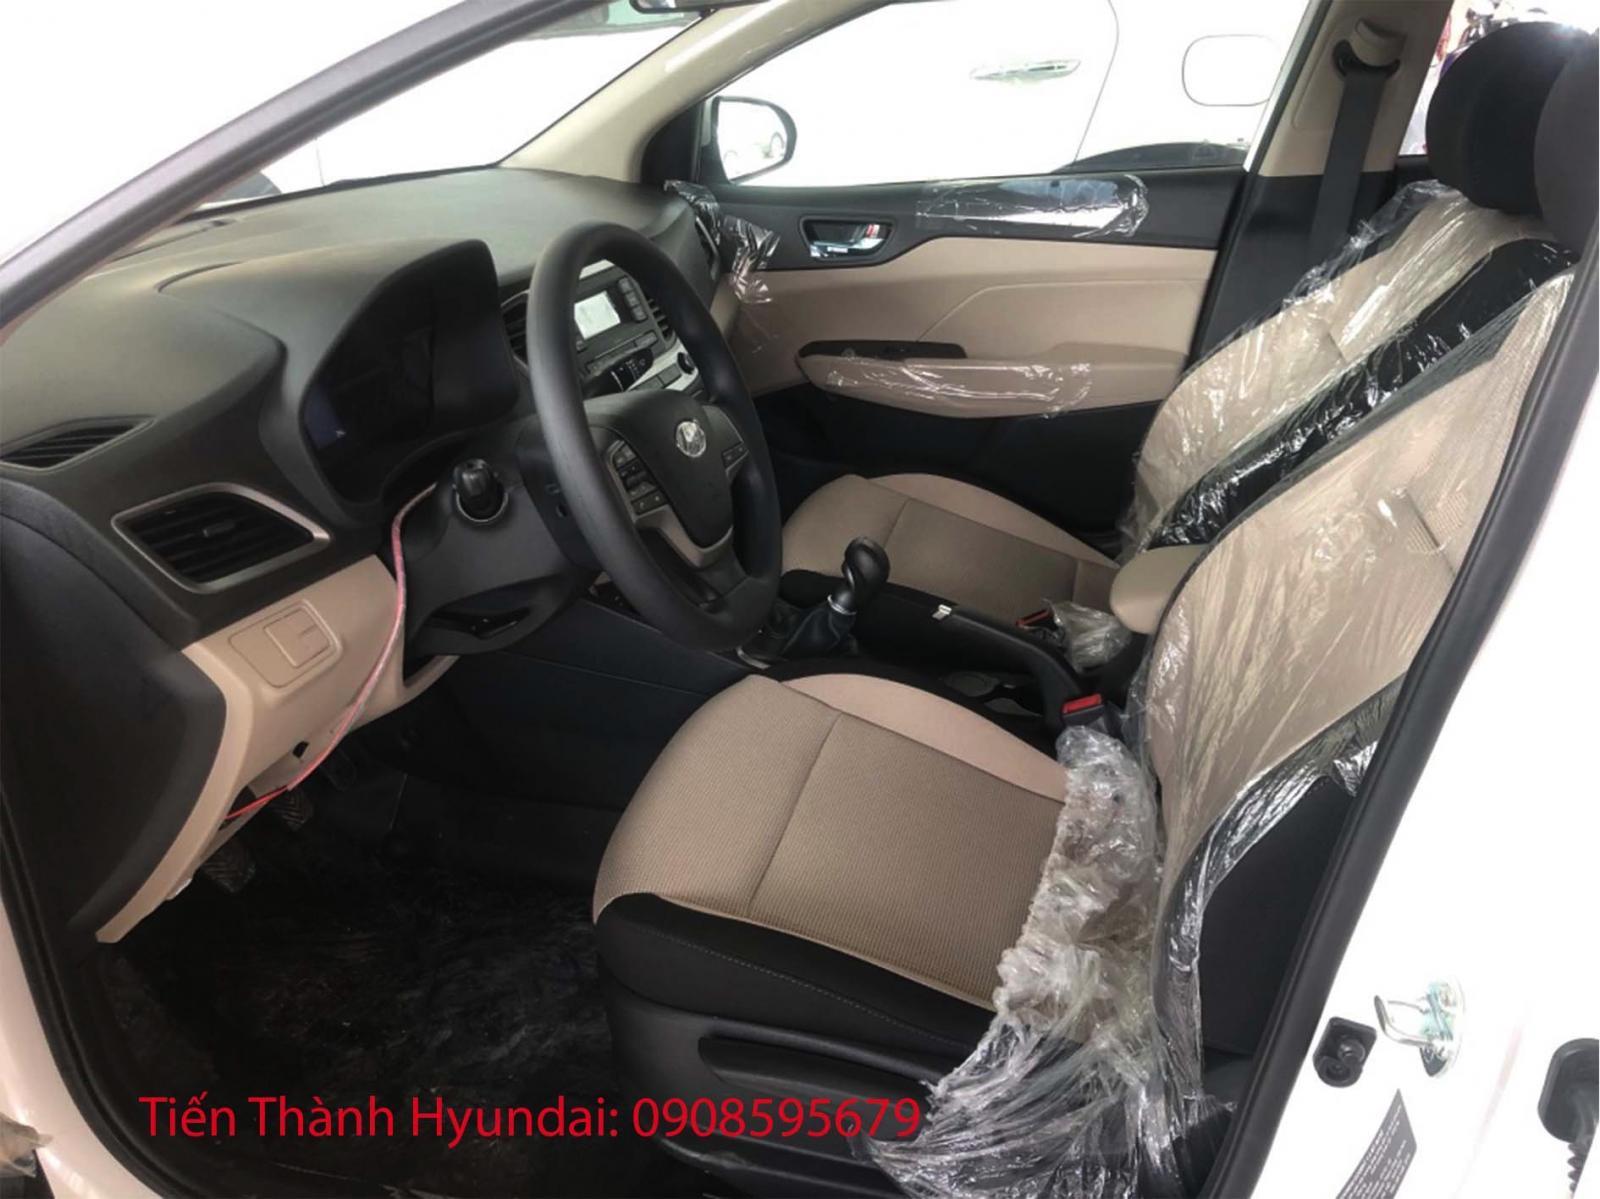 Bán Hyundai Accent, giá tốt 428tr + gói phụ kiện, trả trước từ 149tr, góp 6tr5